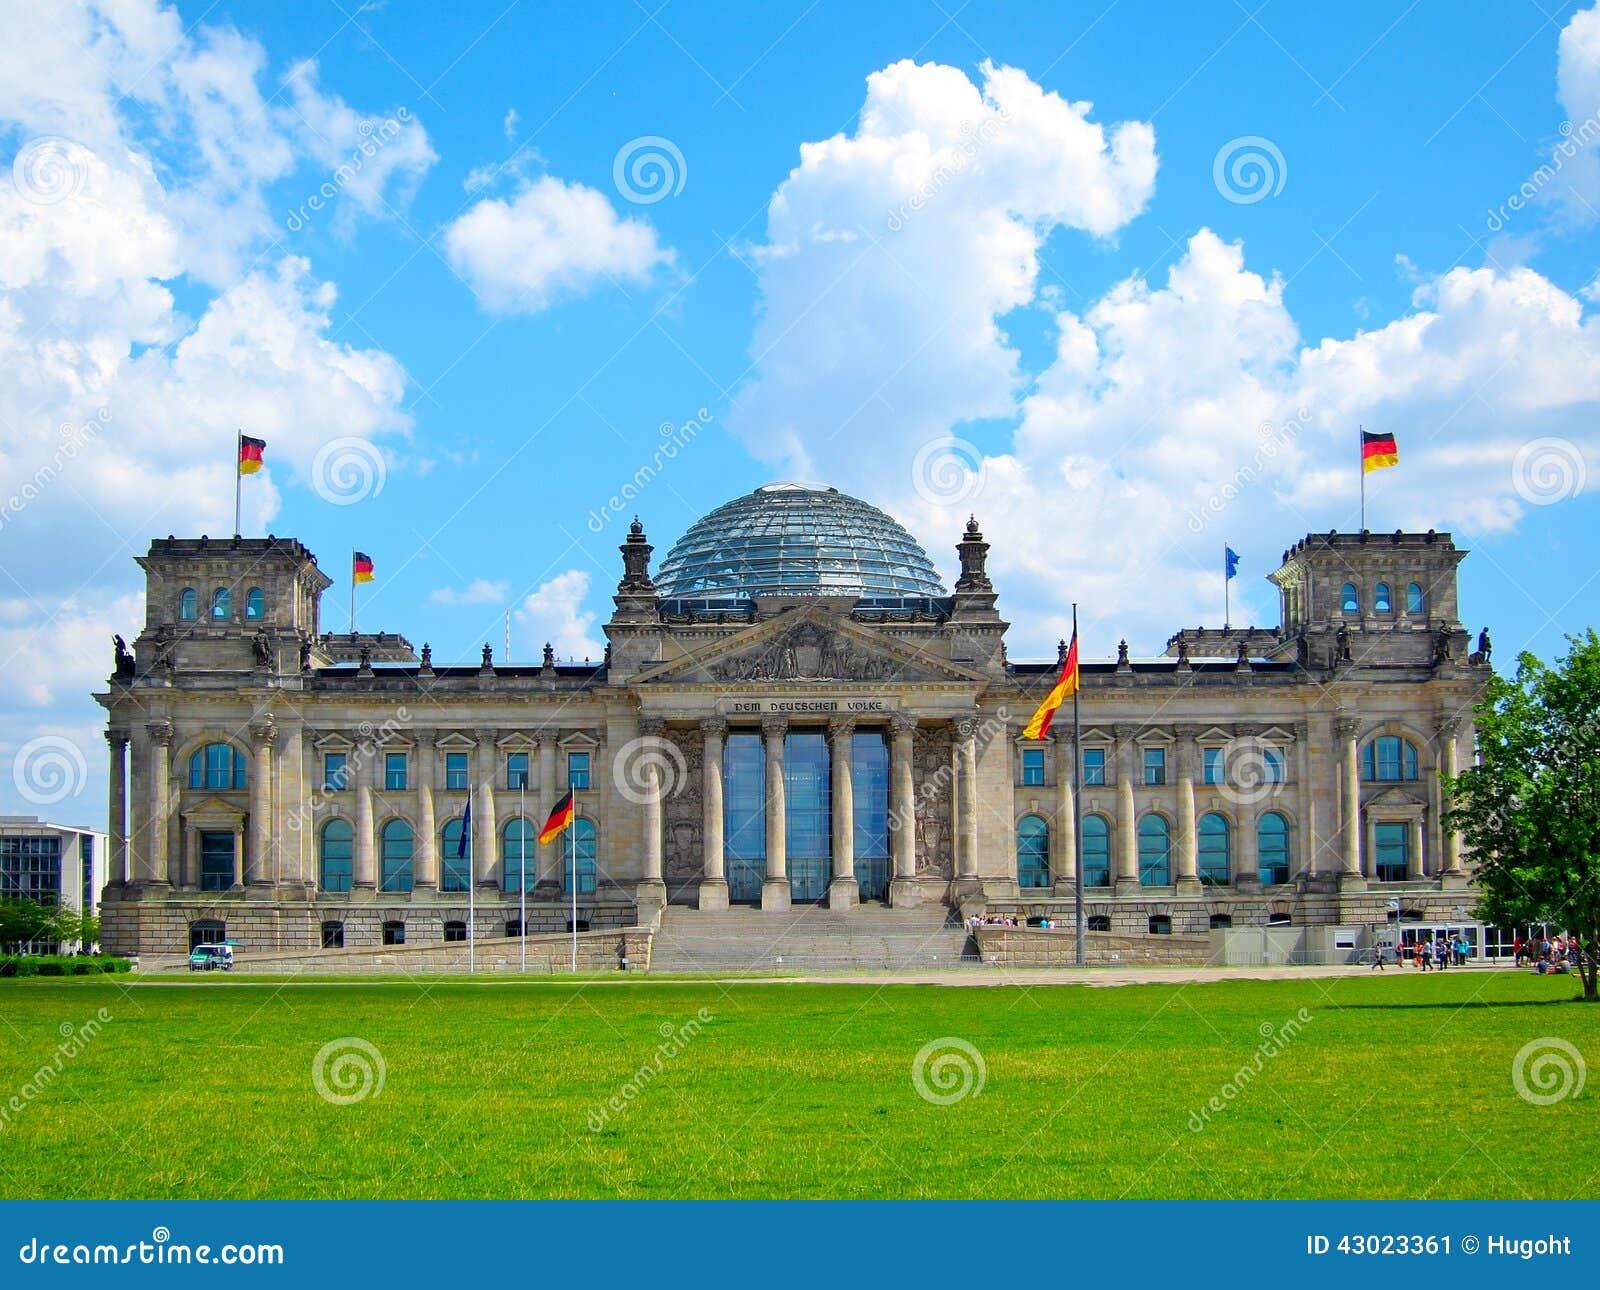 reichstag geb ude berlin germany stockbild bild 43023361. Black Bedroom Furniture Sets. Home Design Ideas